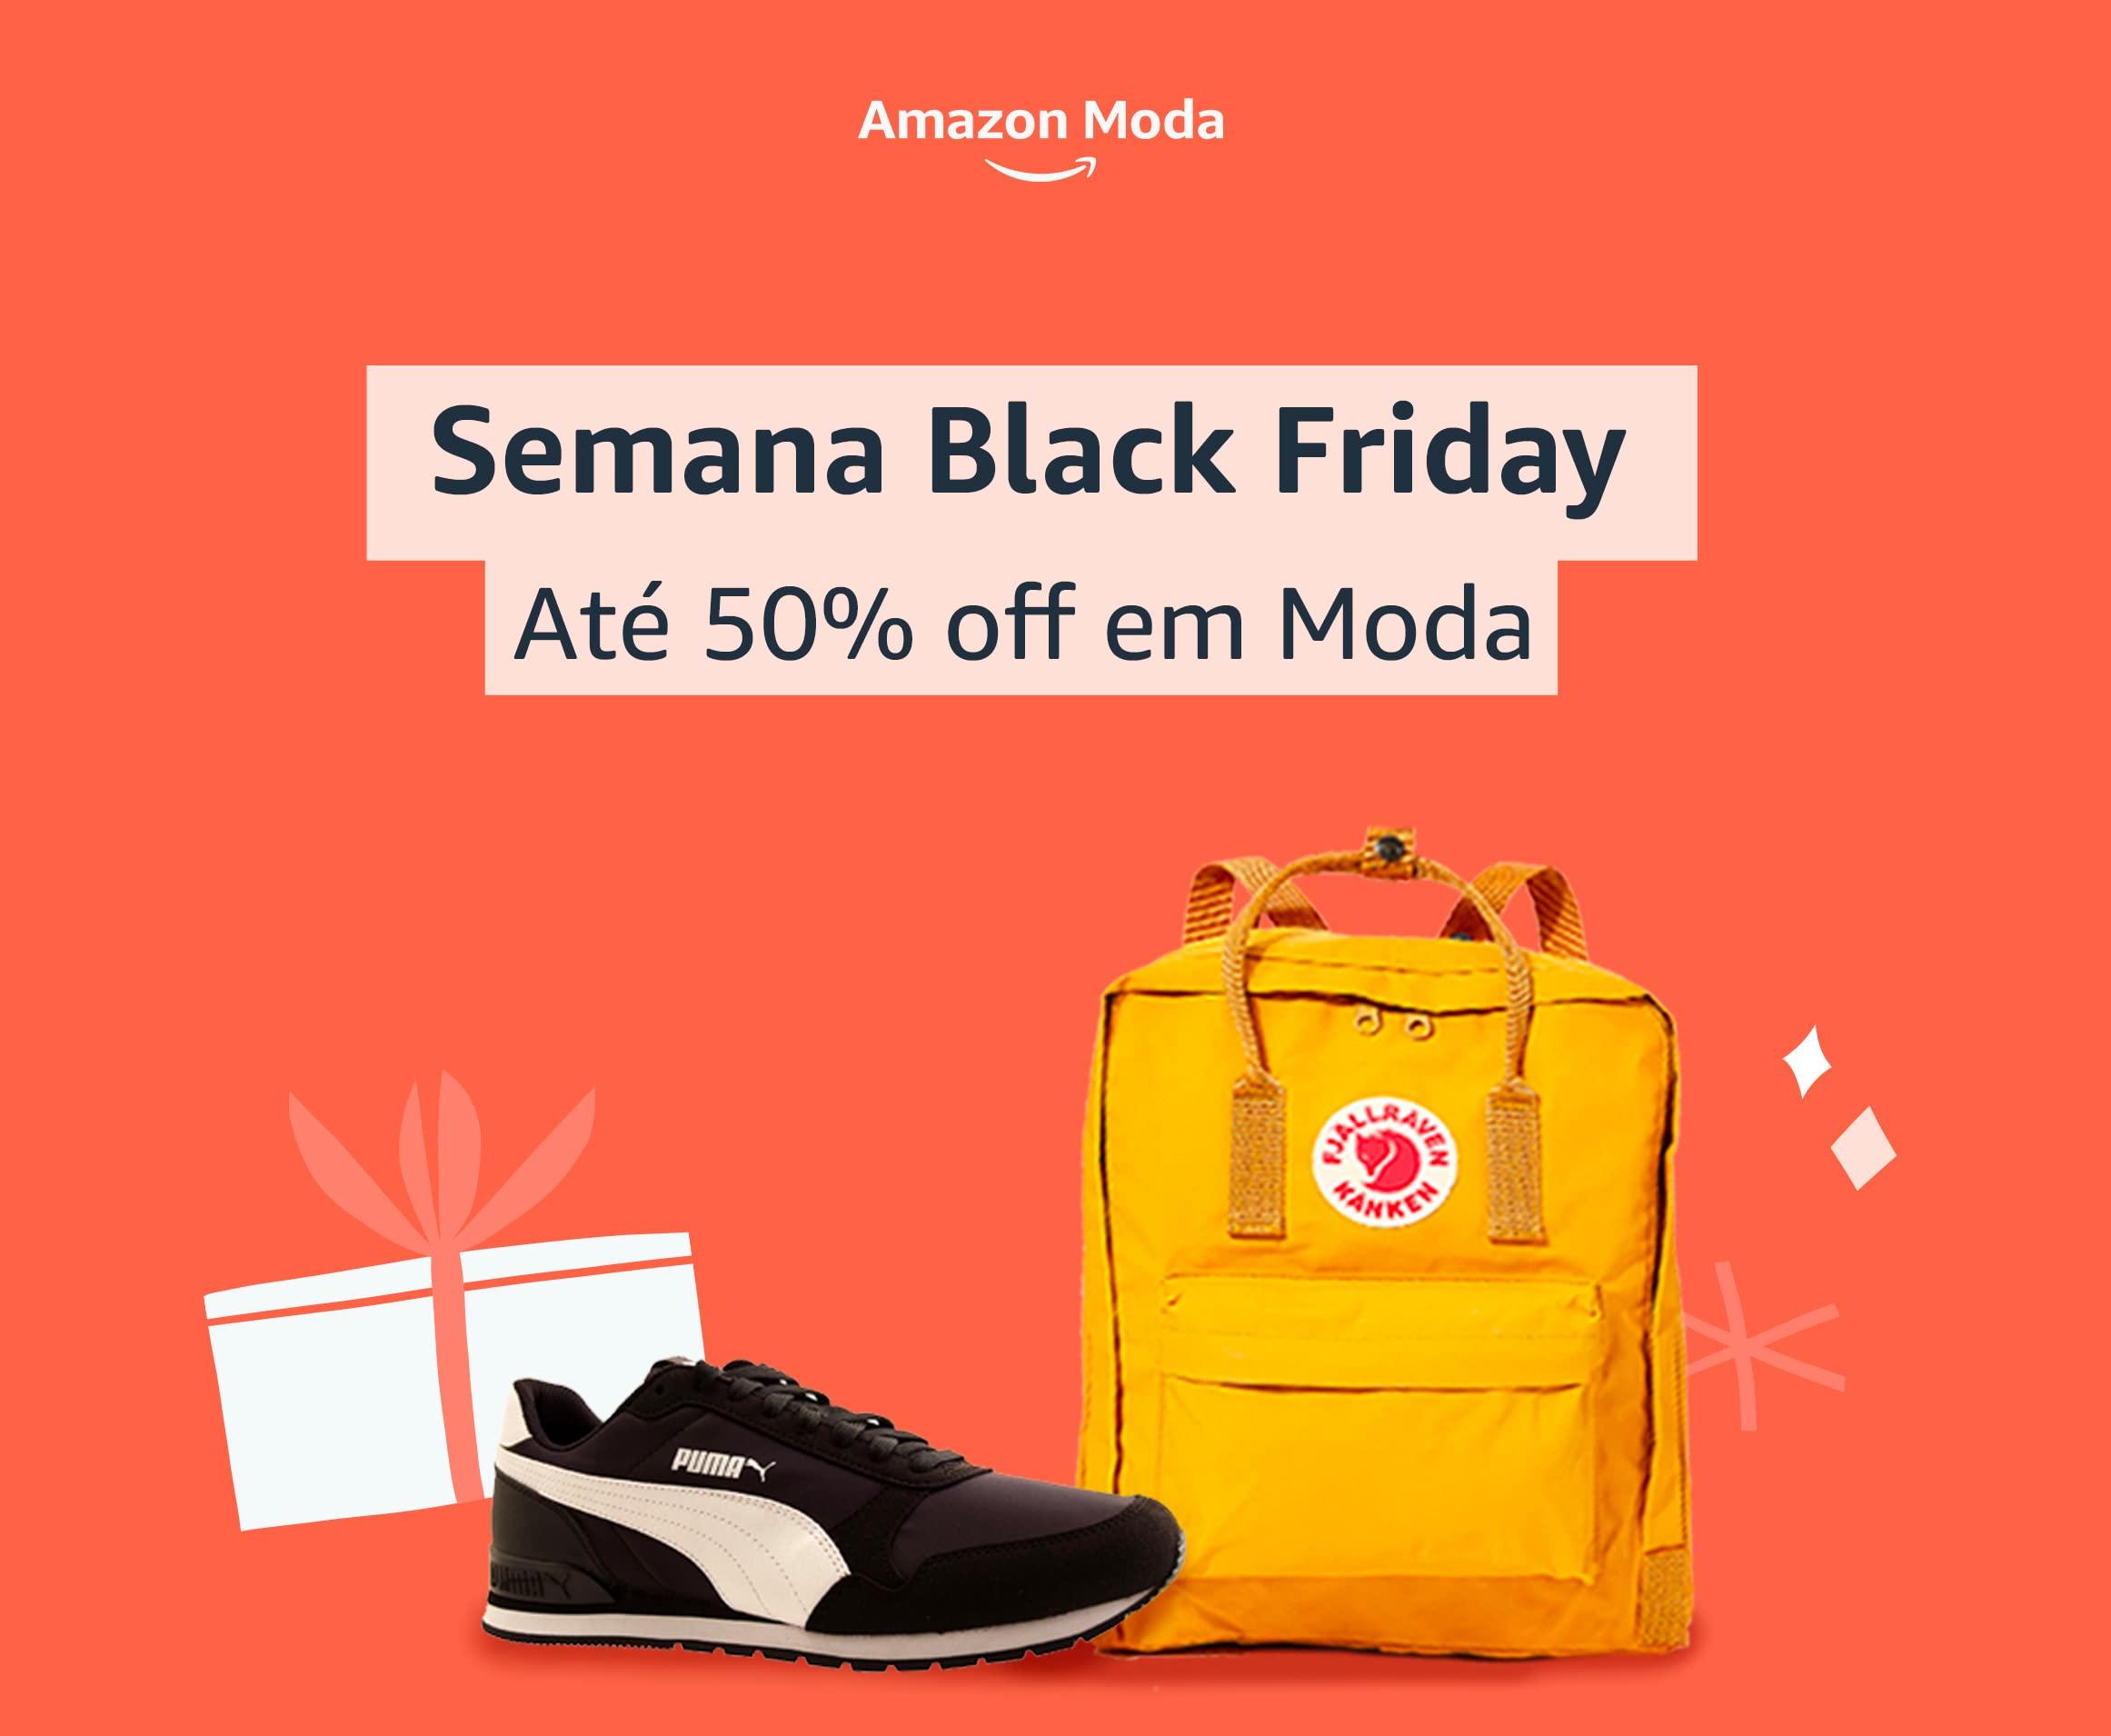 Semana Black Friday: Até 50% off em Moda